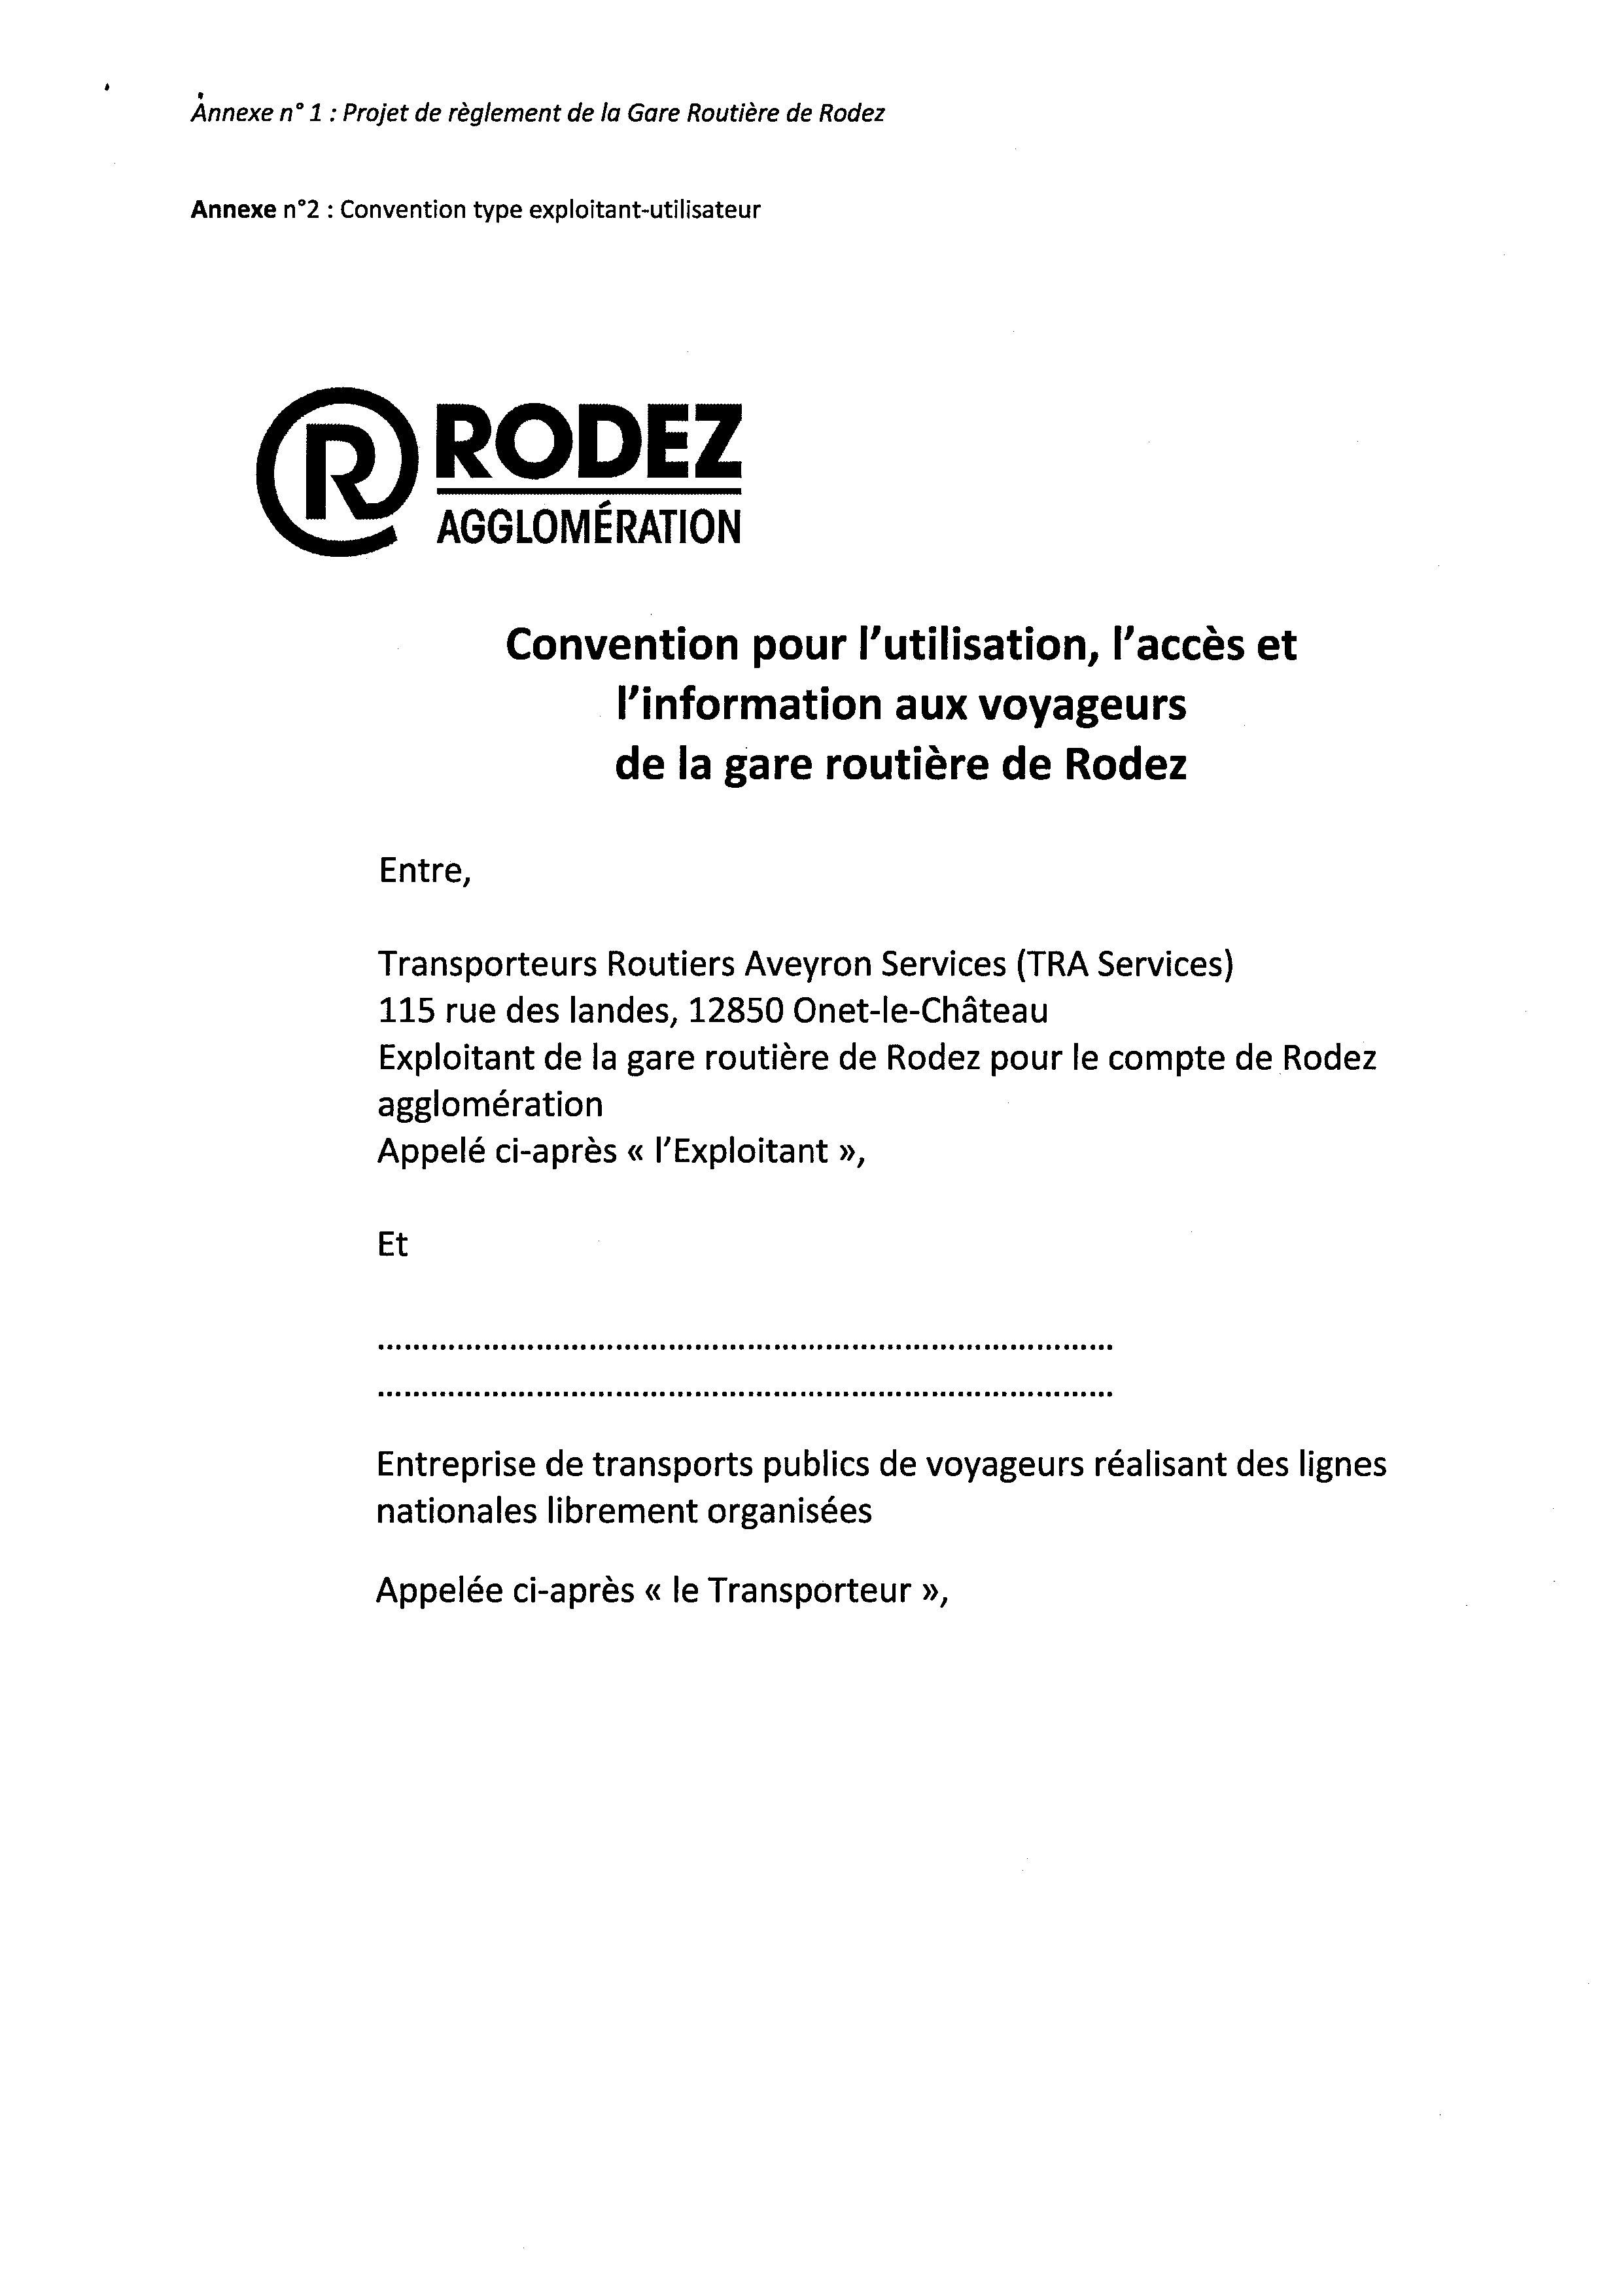 réglement-exploitation-GR-Rodez-p9